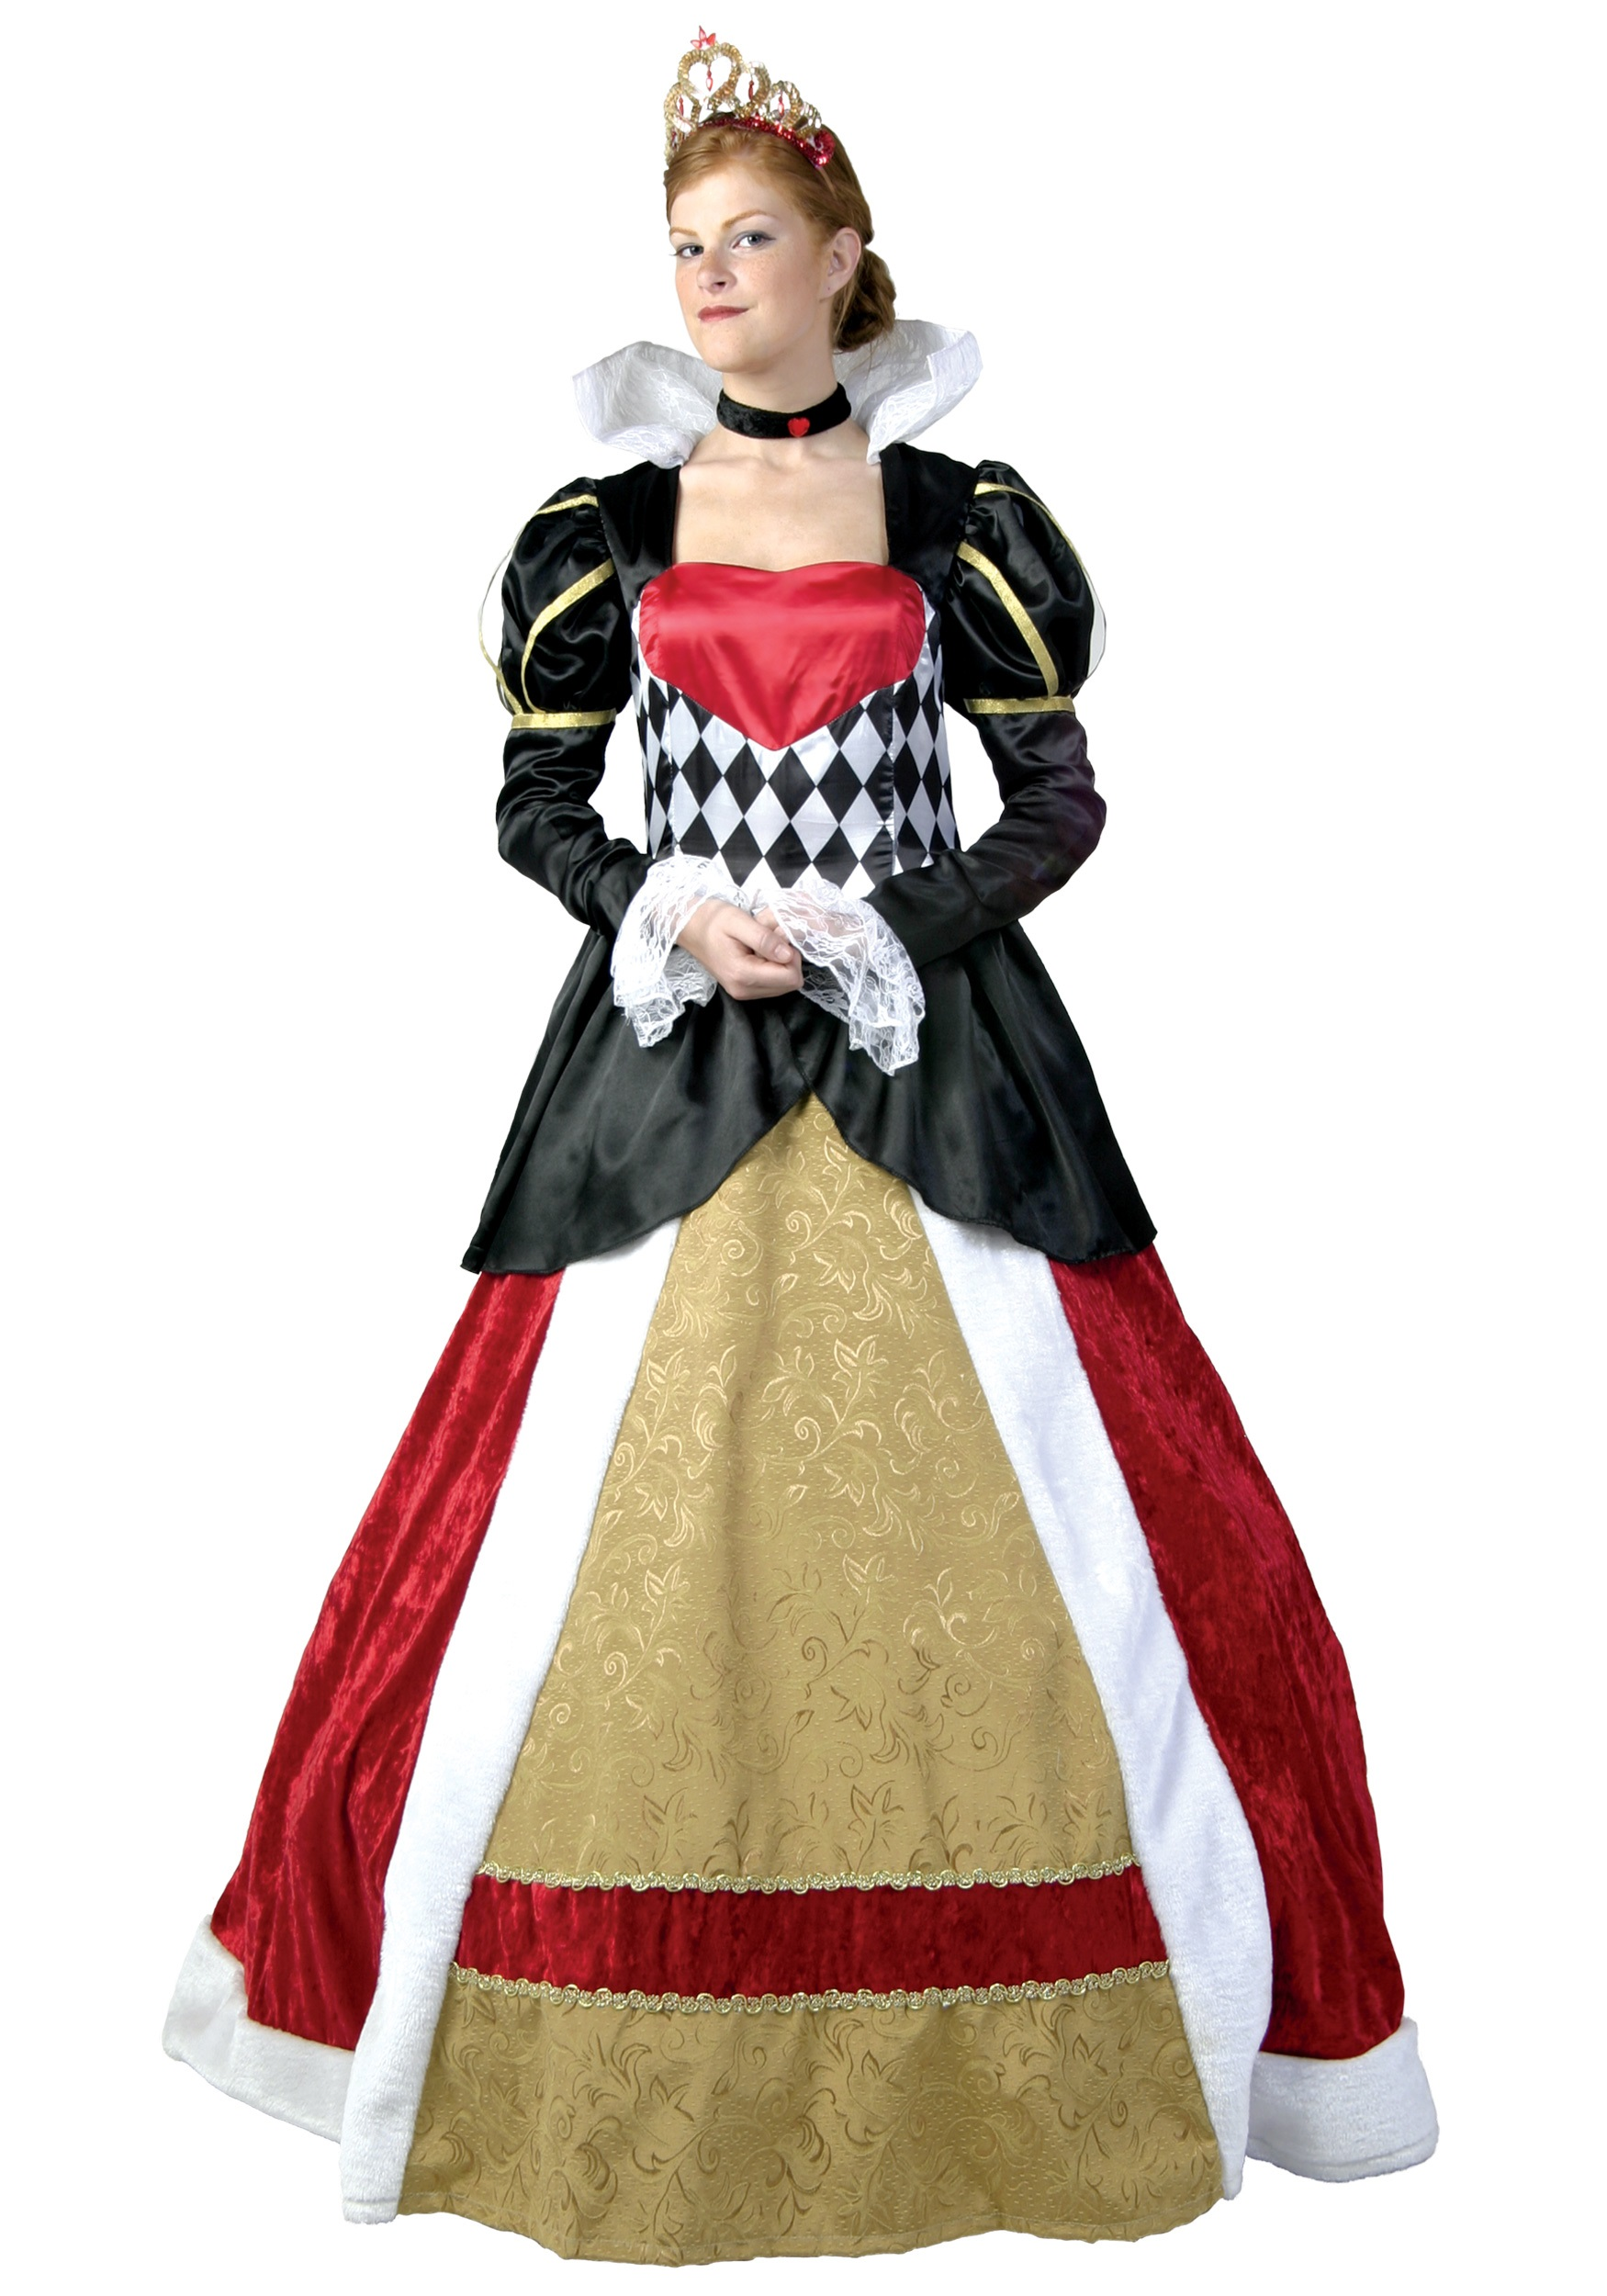 Adult blog costume poker princess images 234